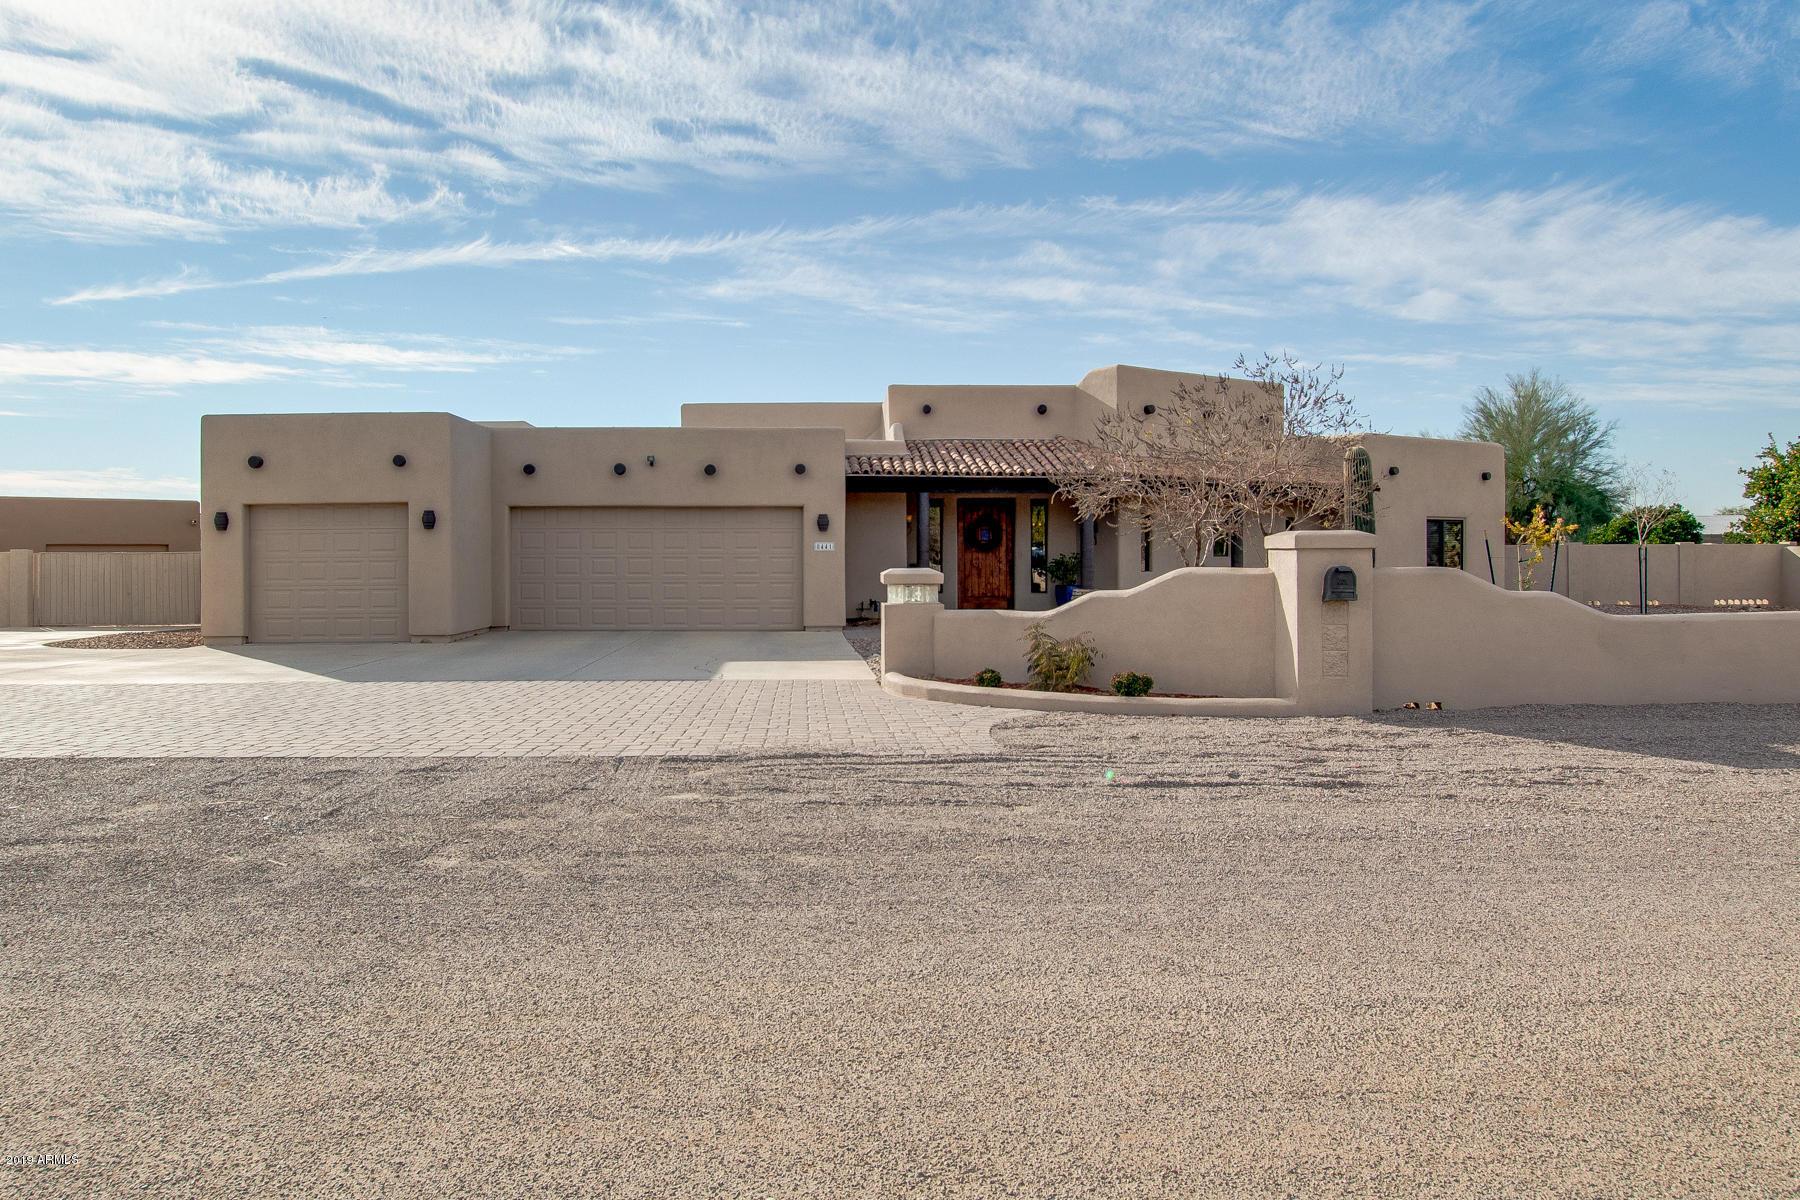 Photo of 8441 W MARIPOSA GRANDE --, Peoria, AZ 85383